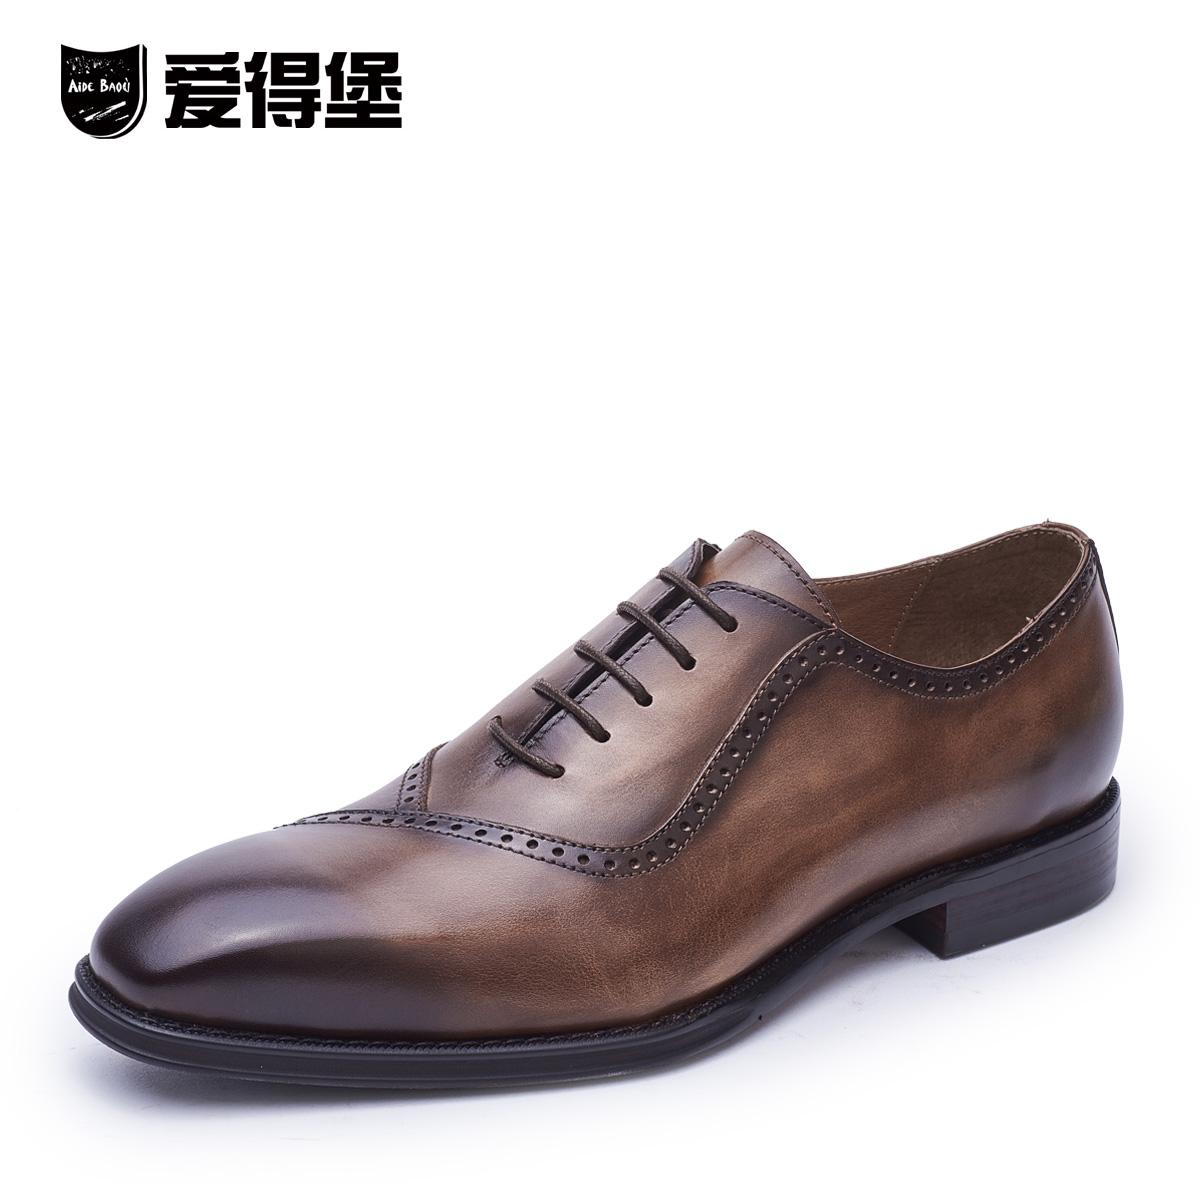 深棕色皮鞋牛津鞋男商务正装皮鞋英伦布洛克皮鞋复古手工皮鞋男